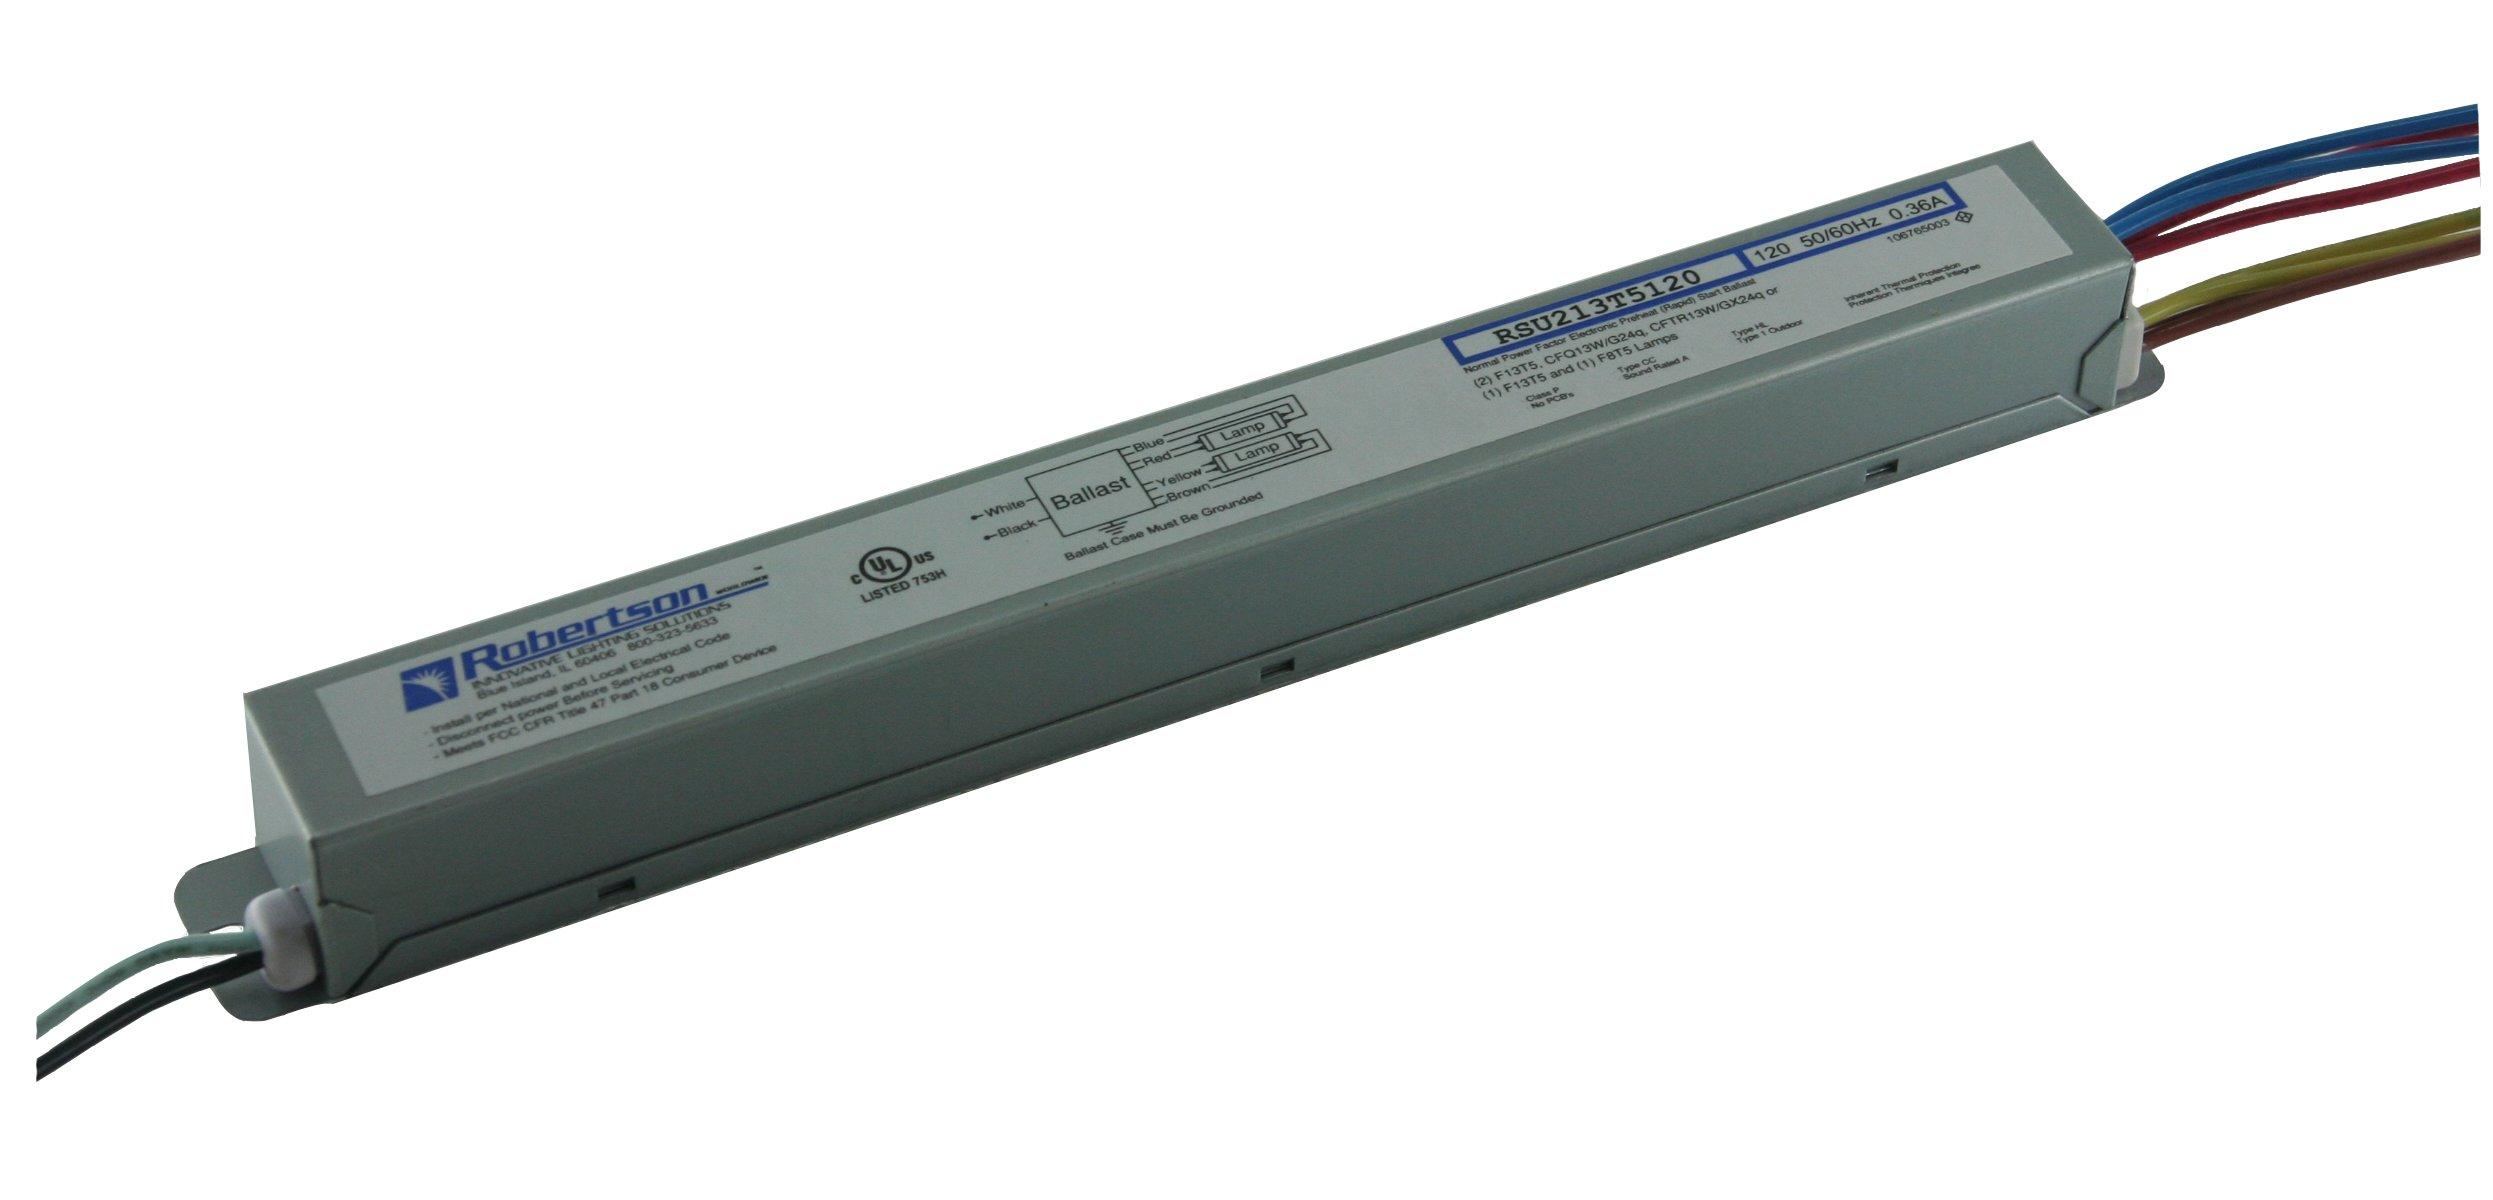 ROBERTSON 3P20070 RSU213T5120 /A Fluorescent eBallast for 2 F13T5 Linear Lamps, 120Vac, 50-60Hz, Normal Ballast Factor, NPF